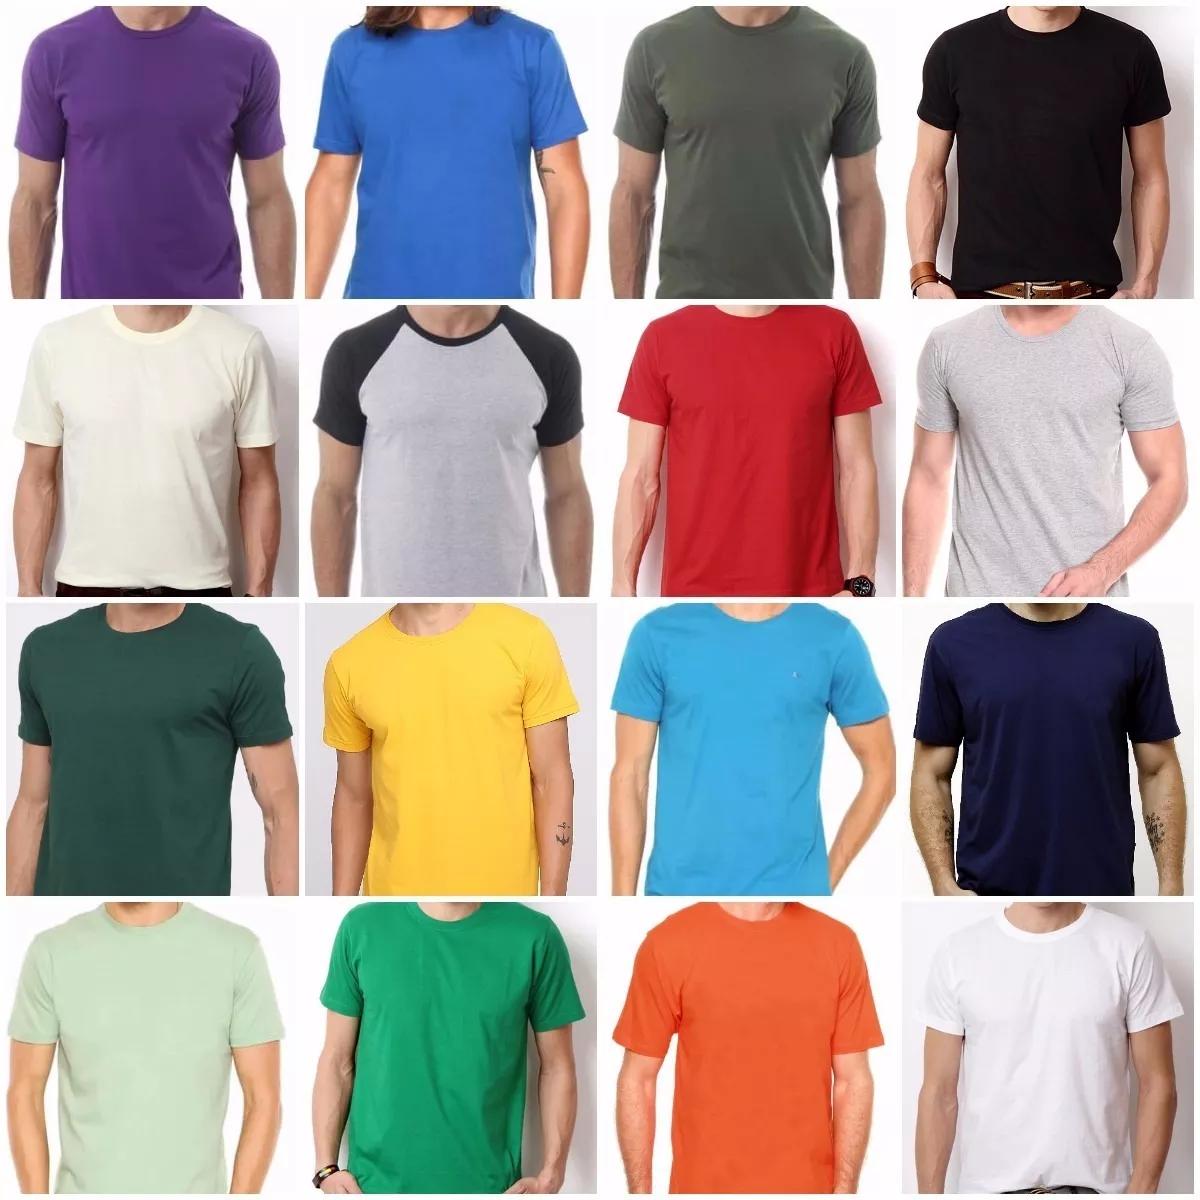 5d2b0d553ce77 Kit 10 Camisetas 100% Algodão Sem Estampa Fio 30.1 Atacado no Elo7 ...